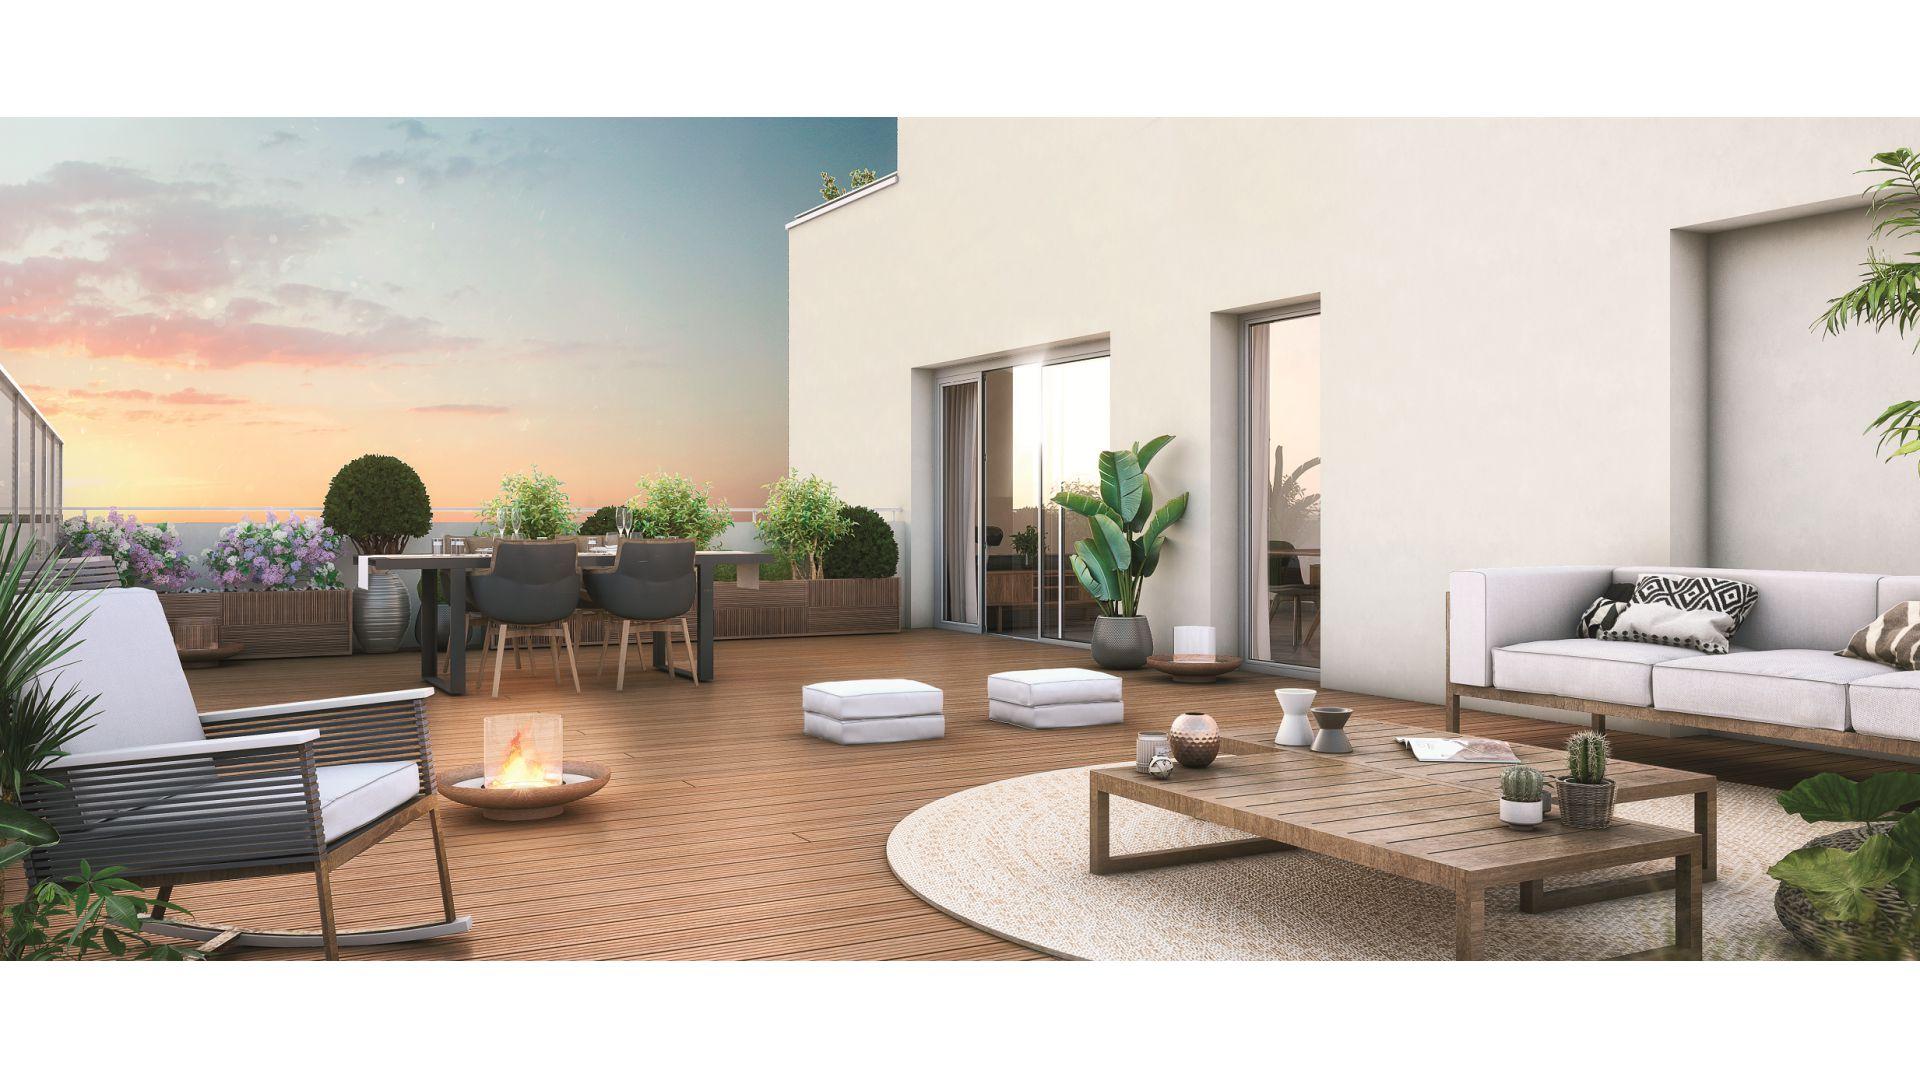 GreenCity Immobilier - Asnières sur seine - 92600 - Résidence Le Renan - appartements neufs du T2 au T5 Duplex - vue terrasse